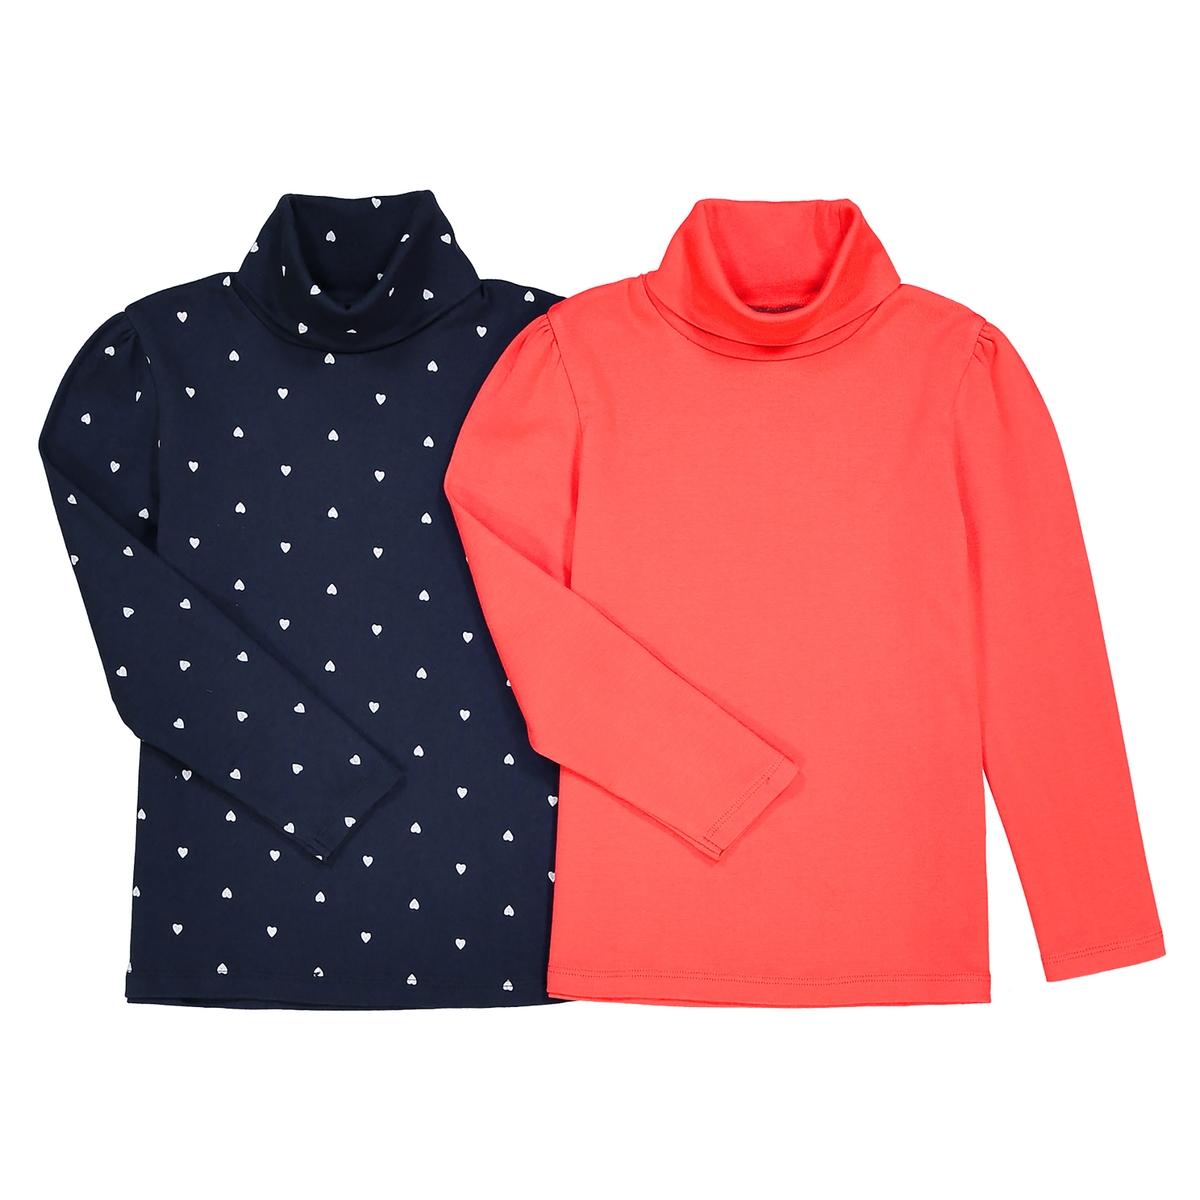 Комплект из 2 тонких пуловеров, 3-12 лет